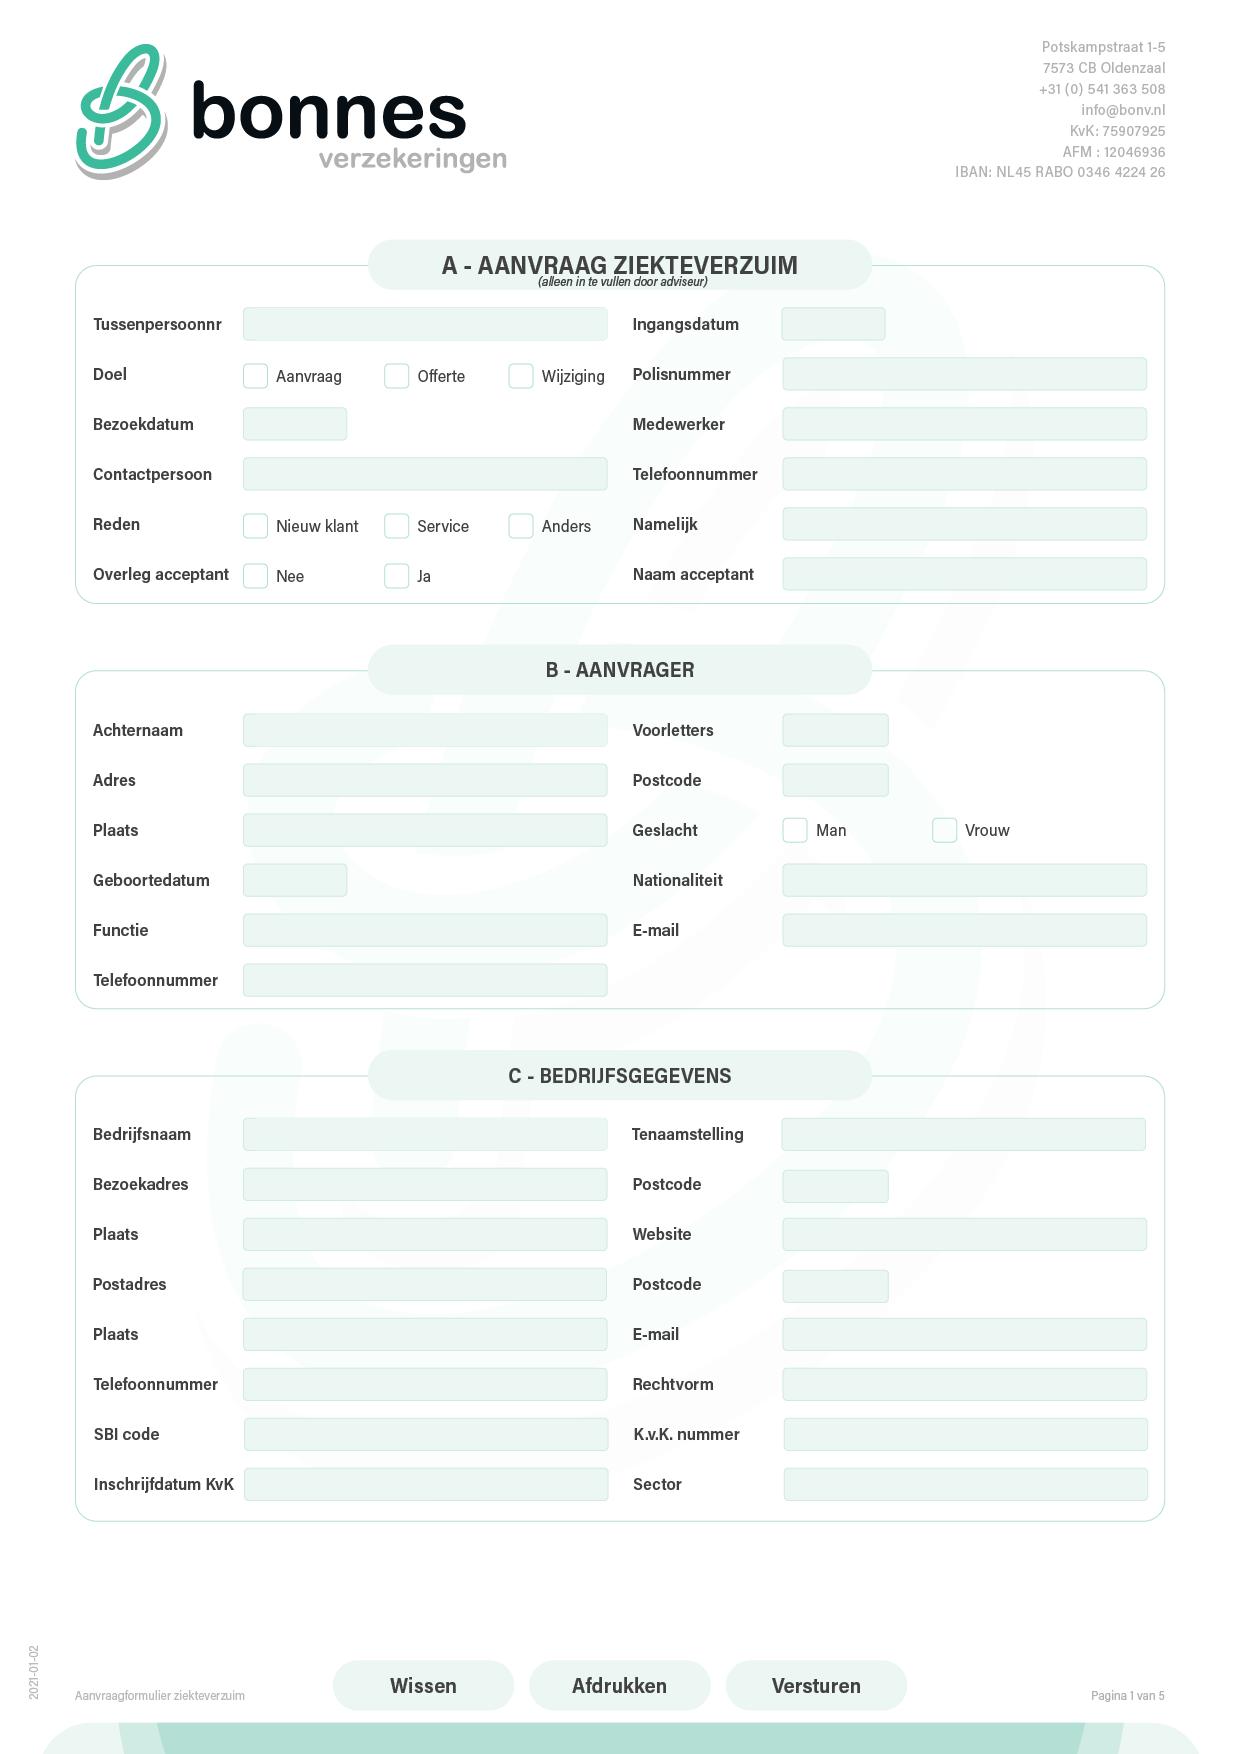 Aanvraagformulier ziekteverzuimverzekering